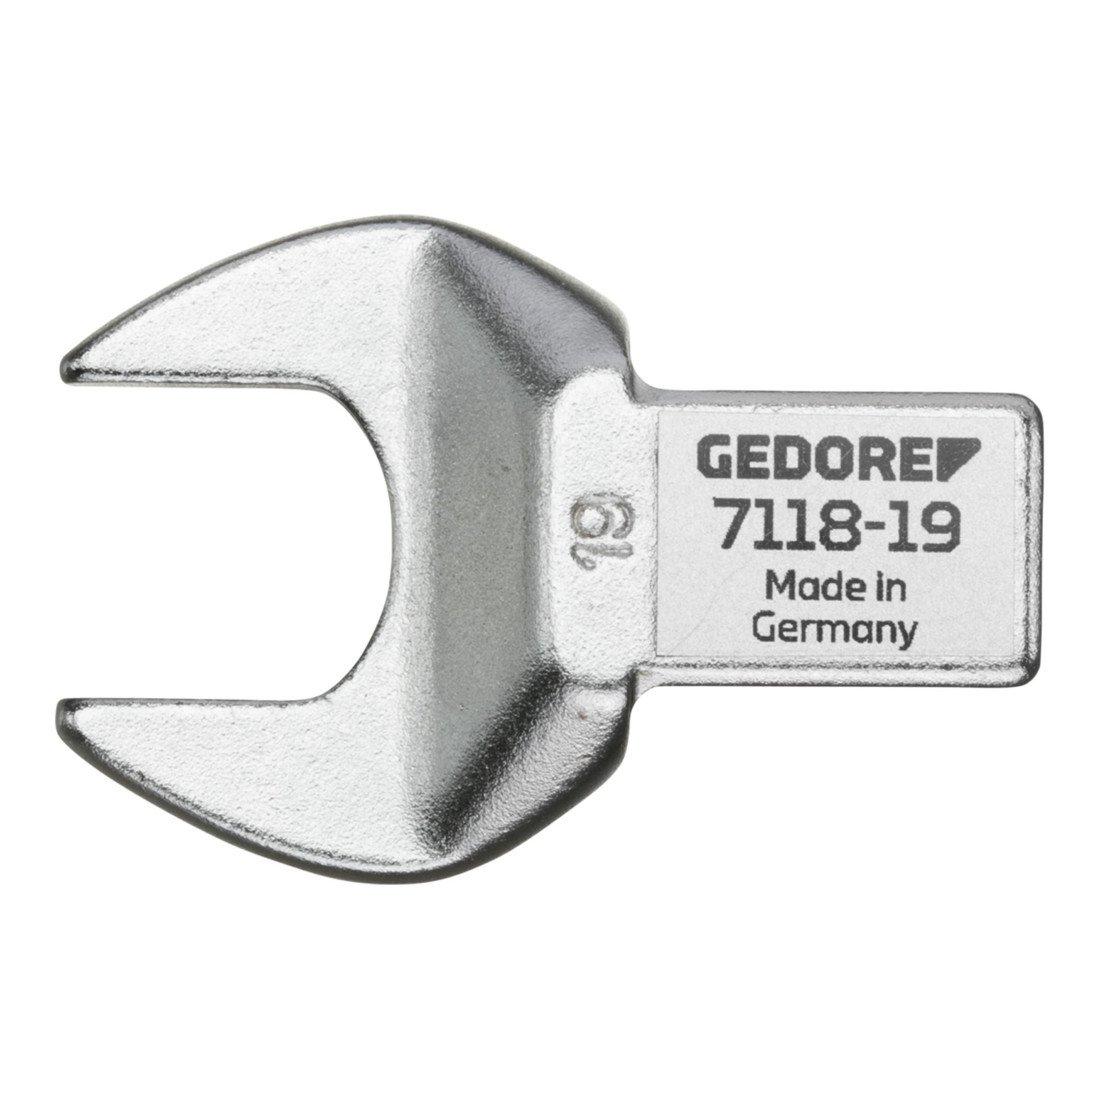 GEDORE 7118-24 Einsteckmaulschl/üssel SE 14x18 24 mm 14 x 18 x 24 mm